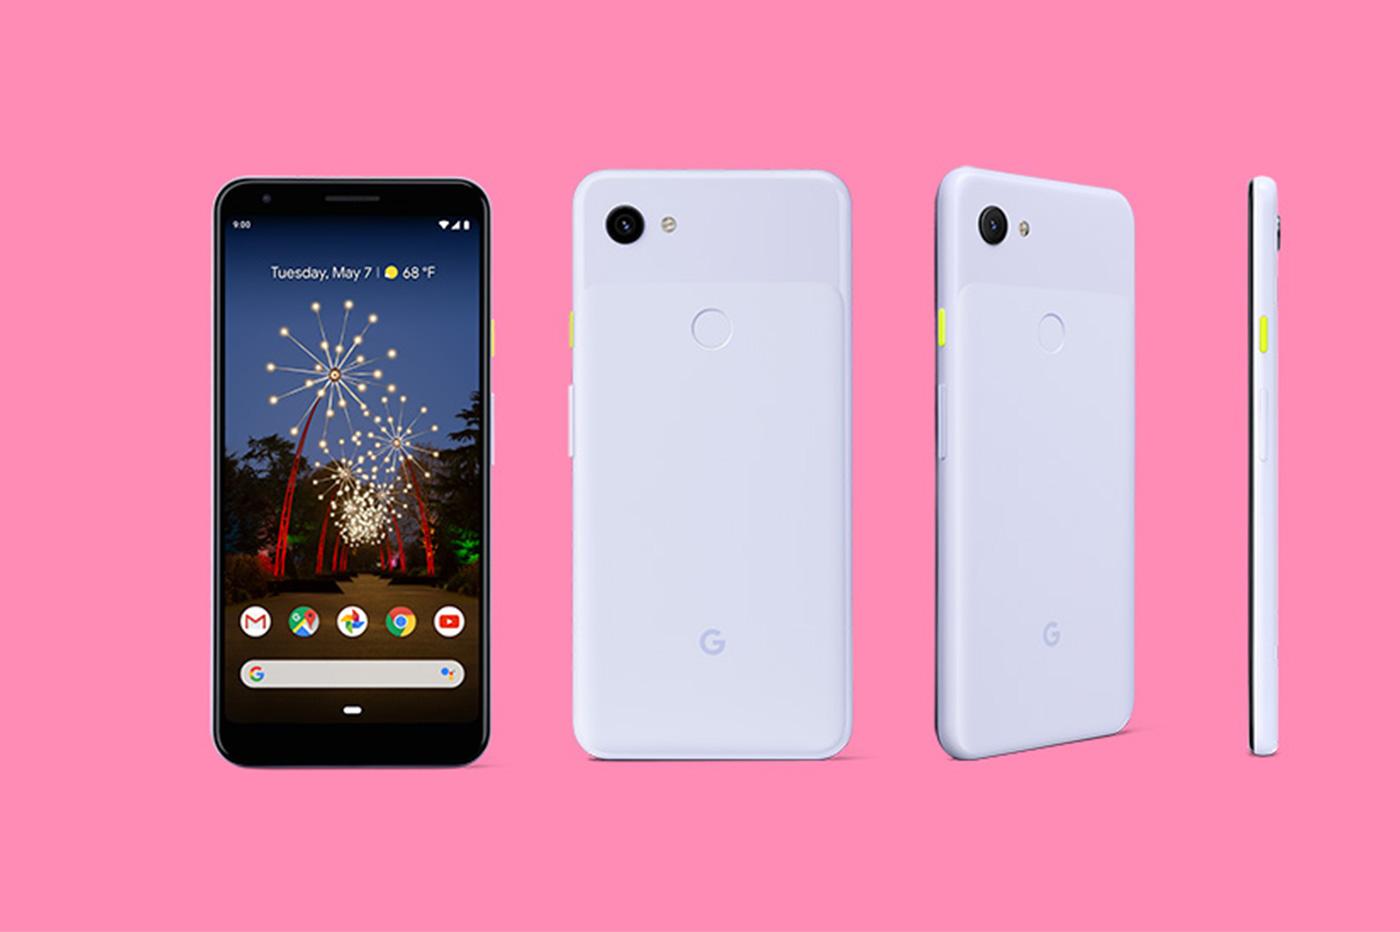 Les Google Pixel 3a et 3a XL se révèlent un peu plus avec de nouvelles fuites